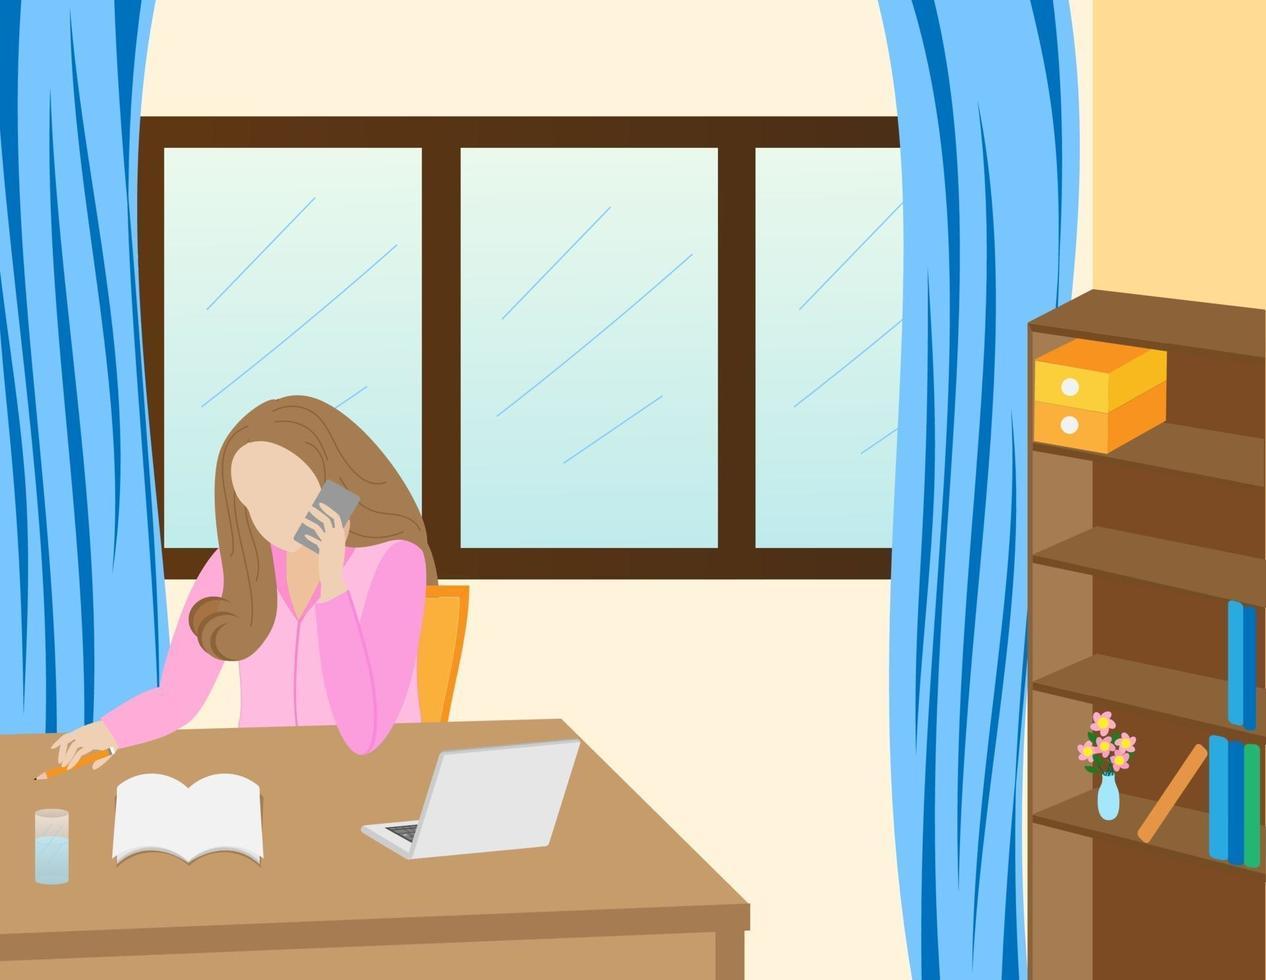 überall arbeiten. moderne Online-Kommunikationstechnologie. Frauen, die über einen Laptop im Internet arbeiten. überall verbunden sein. freiberuflich, Social Media. vektor